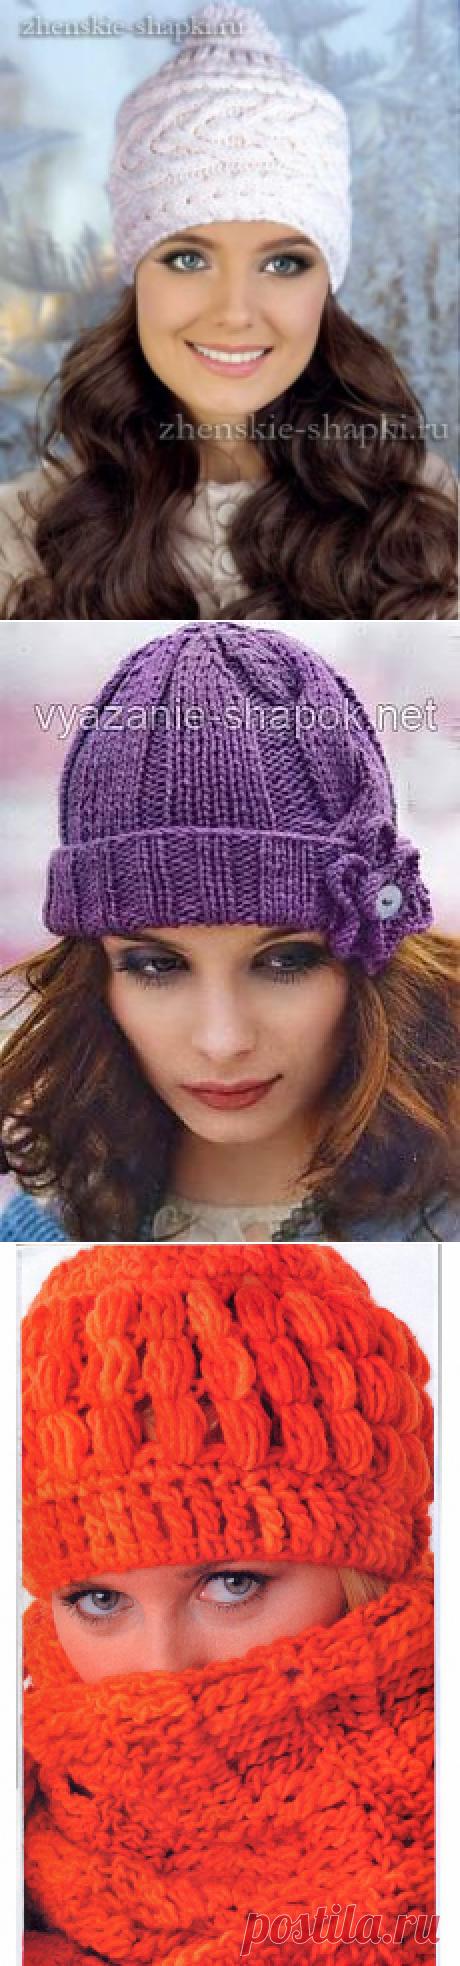 Поиск на Постиле: зимние шапки спицами